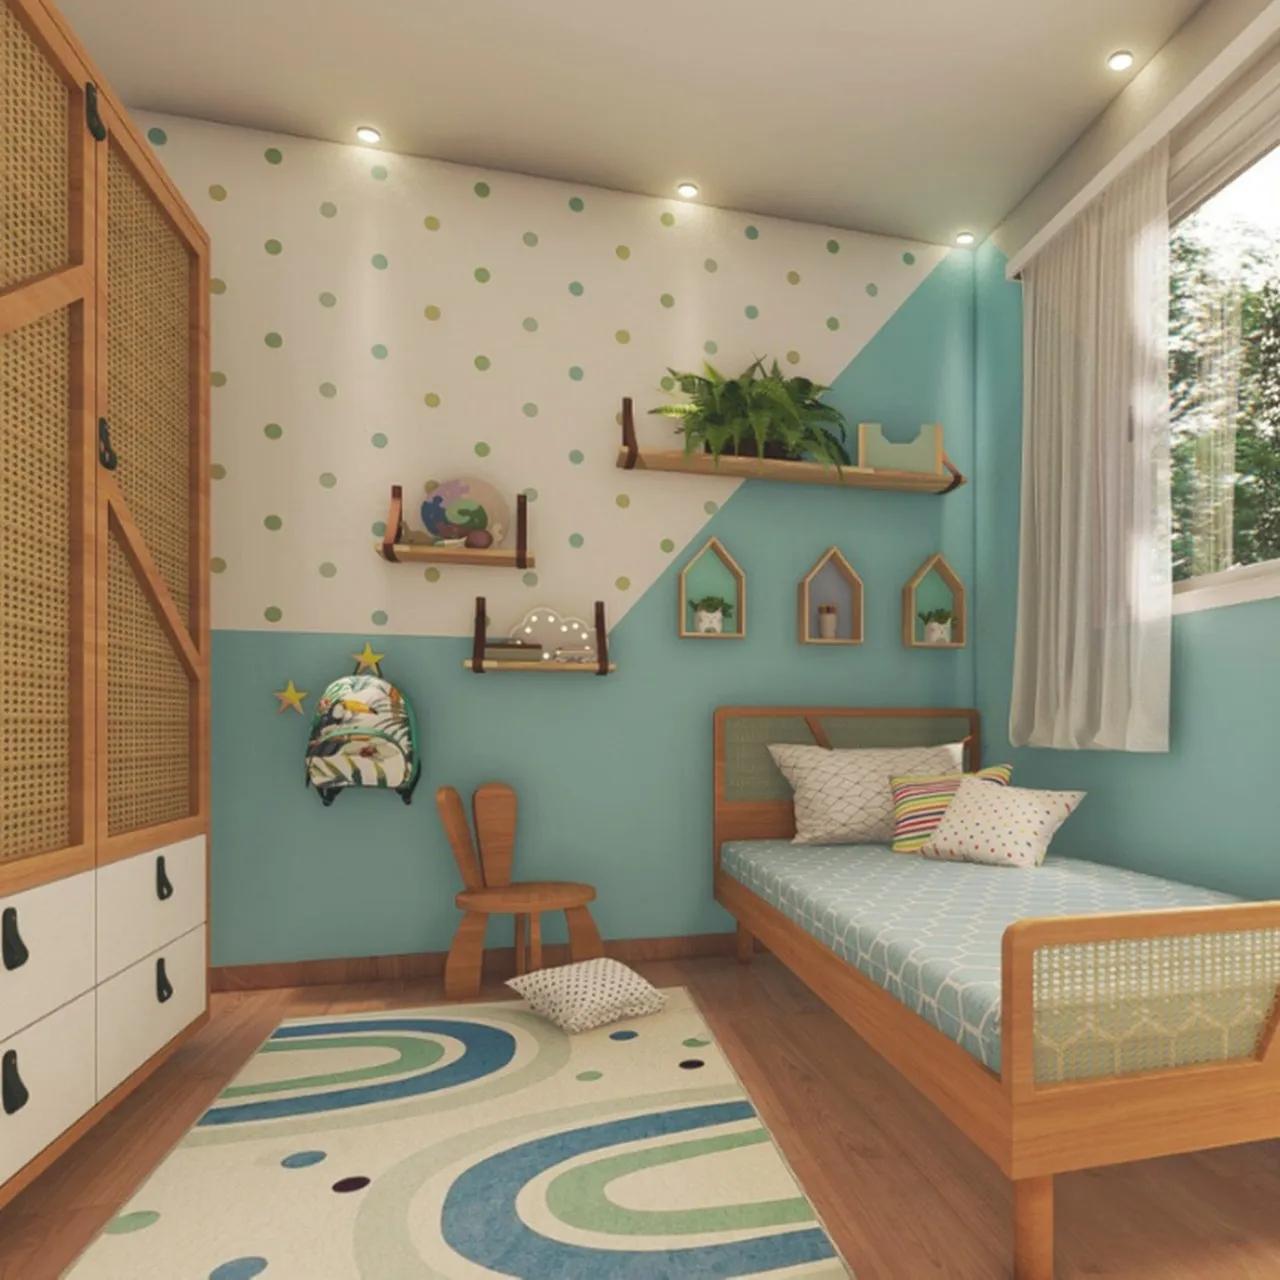 Tapete quarto infantil 100 x 150 cm estampa Arco Íris Blue